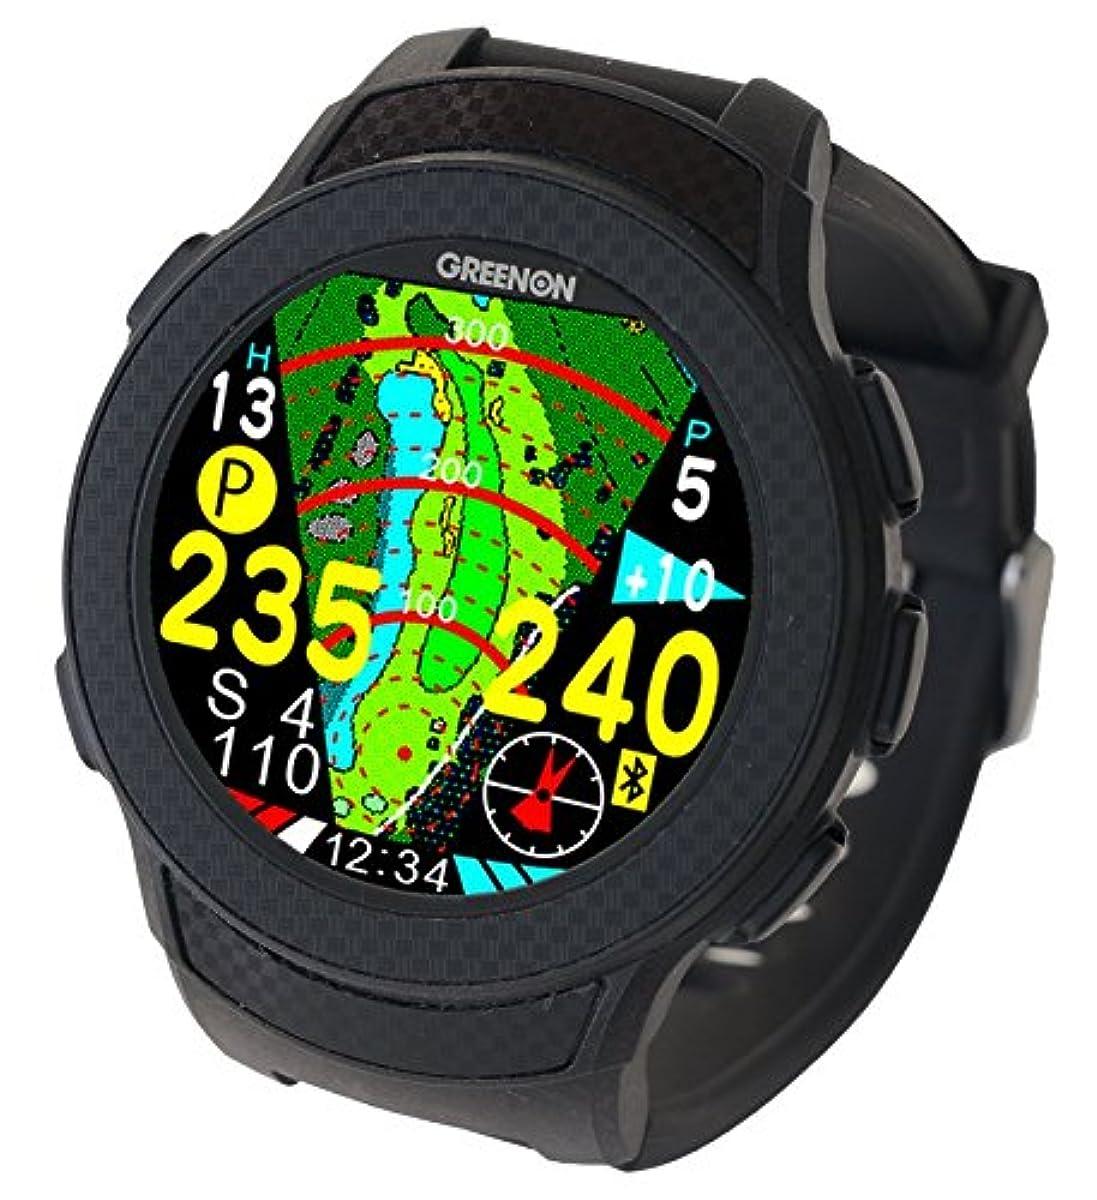 [해외] GREENON(그린 온) 골프 네비 GPS 더・골프 워치 A1 (A one) all in one 화면 탑재 고정밀 반사형 컬러 액정 10주년 기념 모델 ※종래가 이끌어 대응(L1C/A)